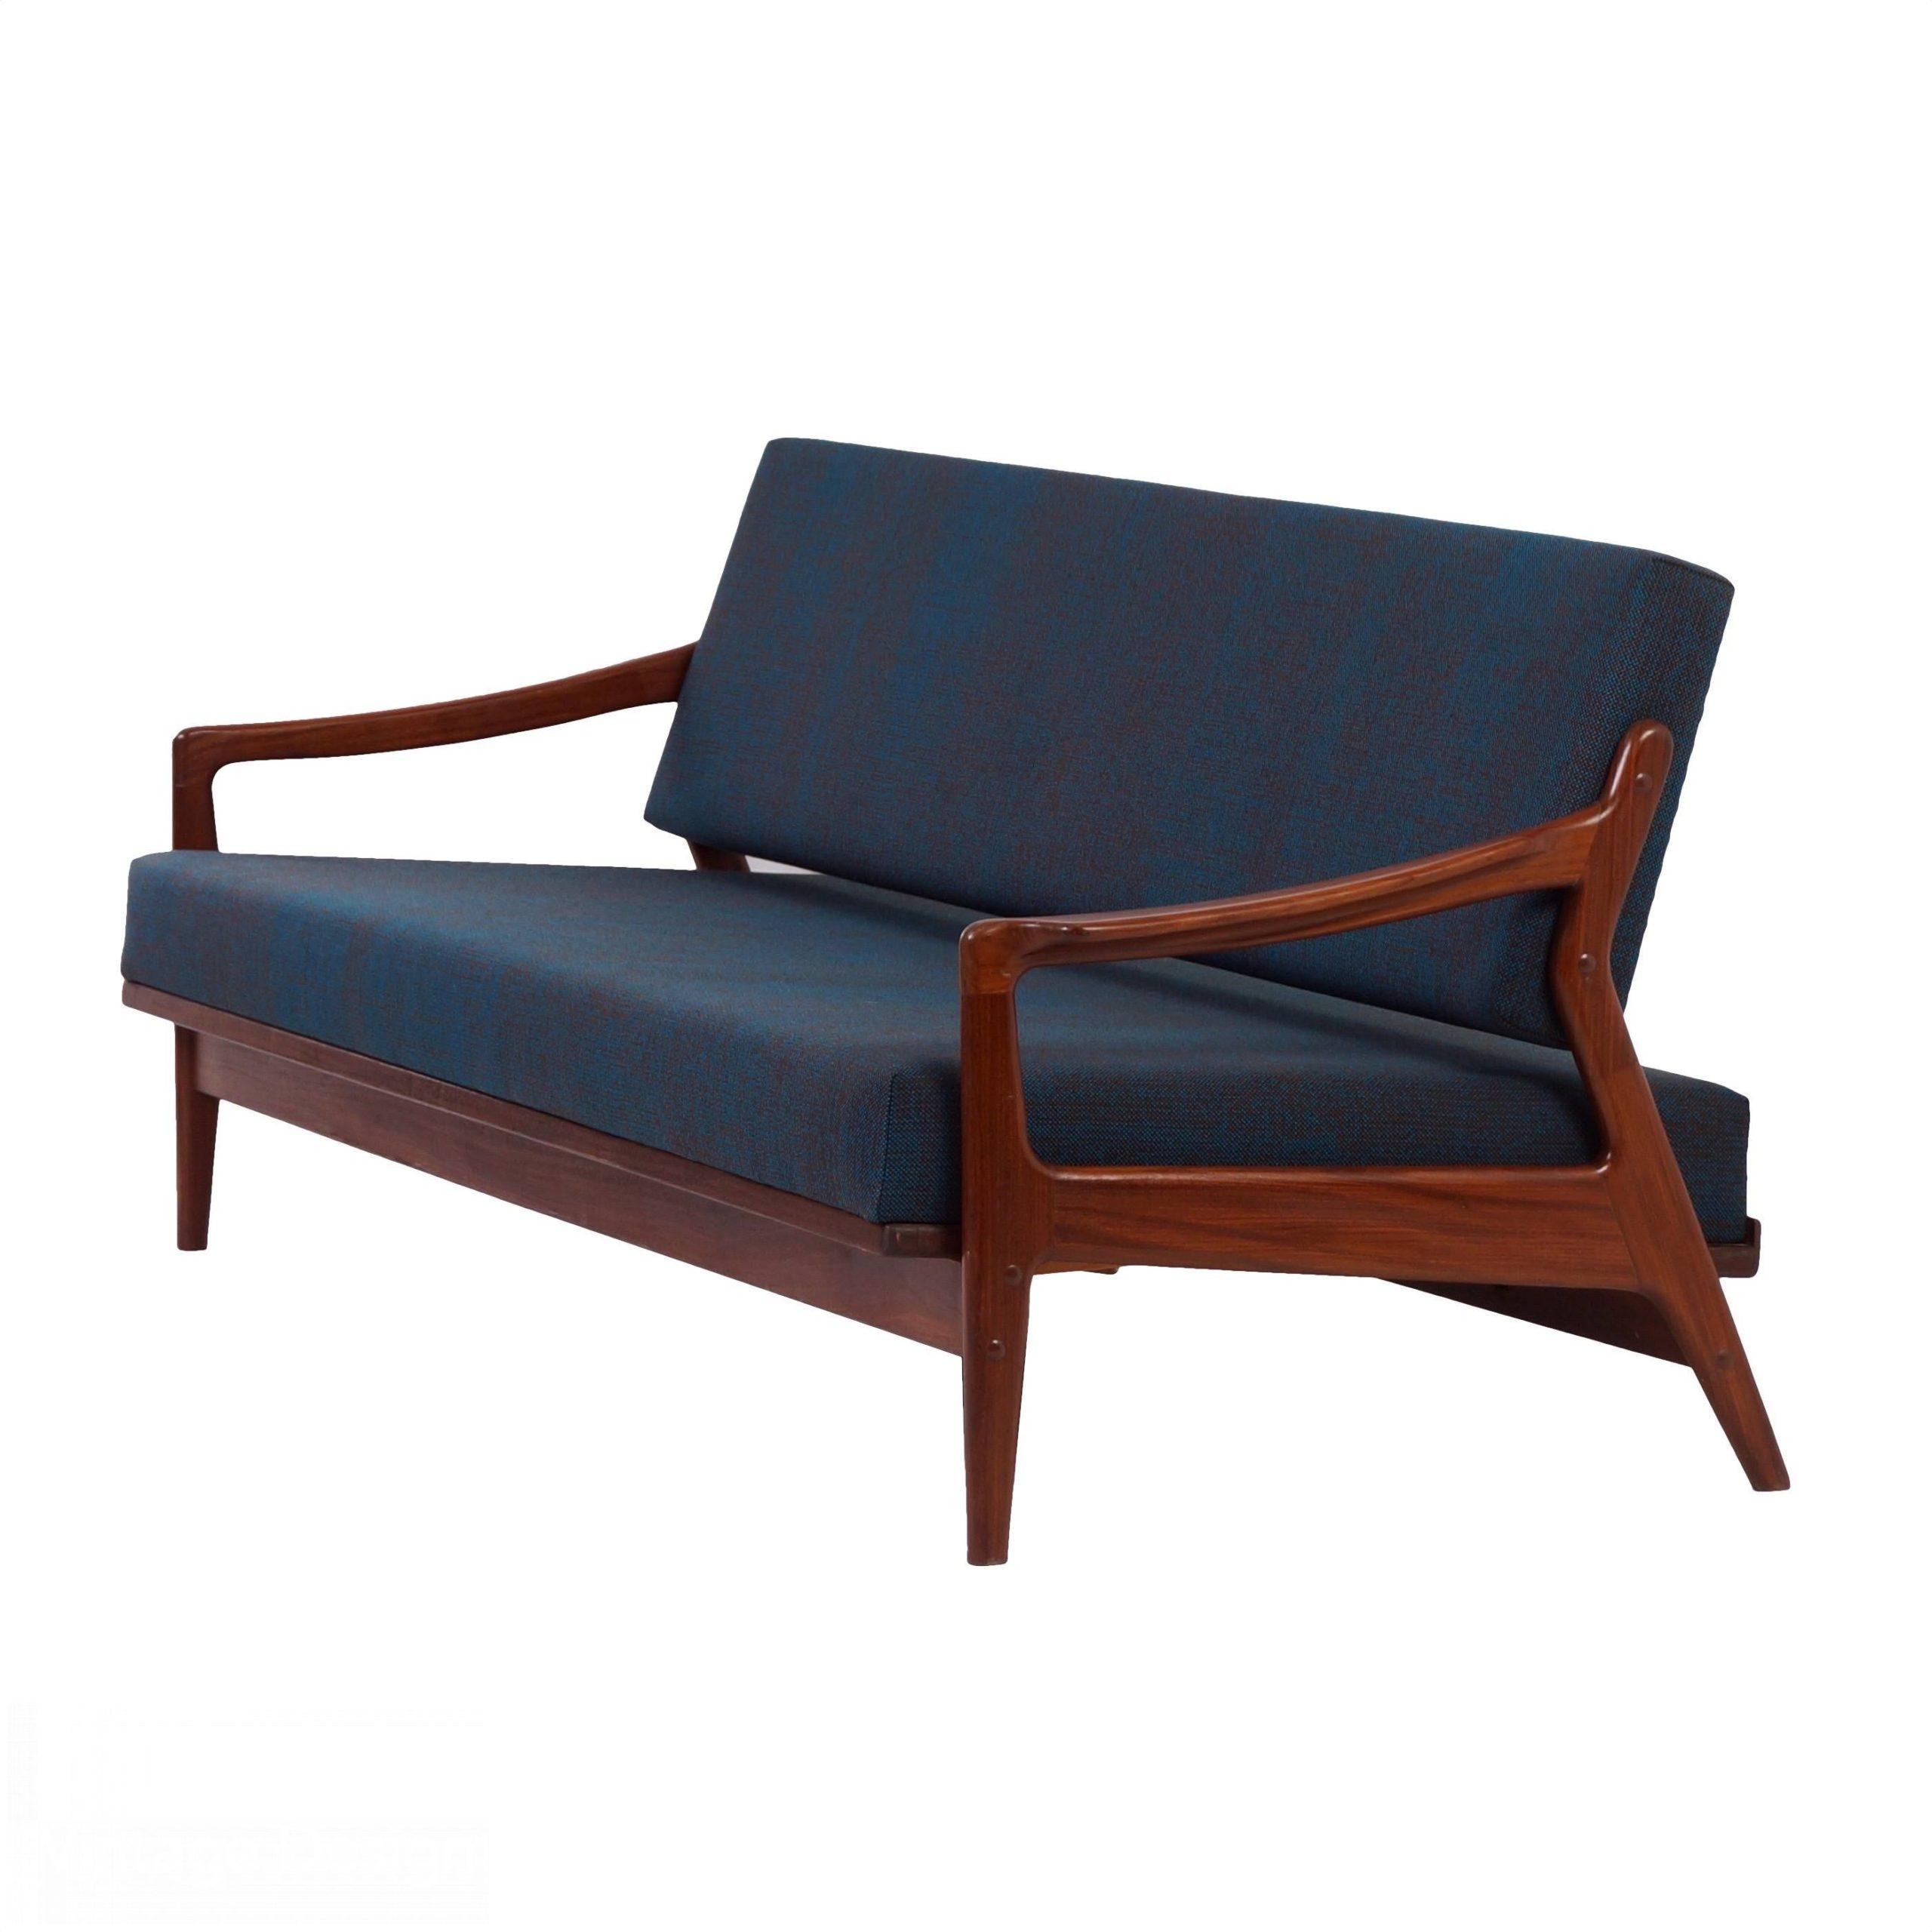 Van Til Alkmaar Slaapbank.Vintage Sleeping Sofa By Louis Van Teeffelen For Webe In About